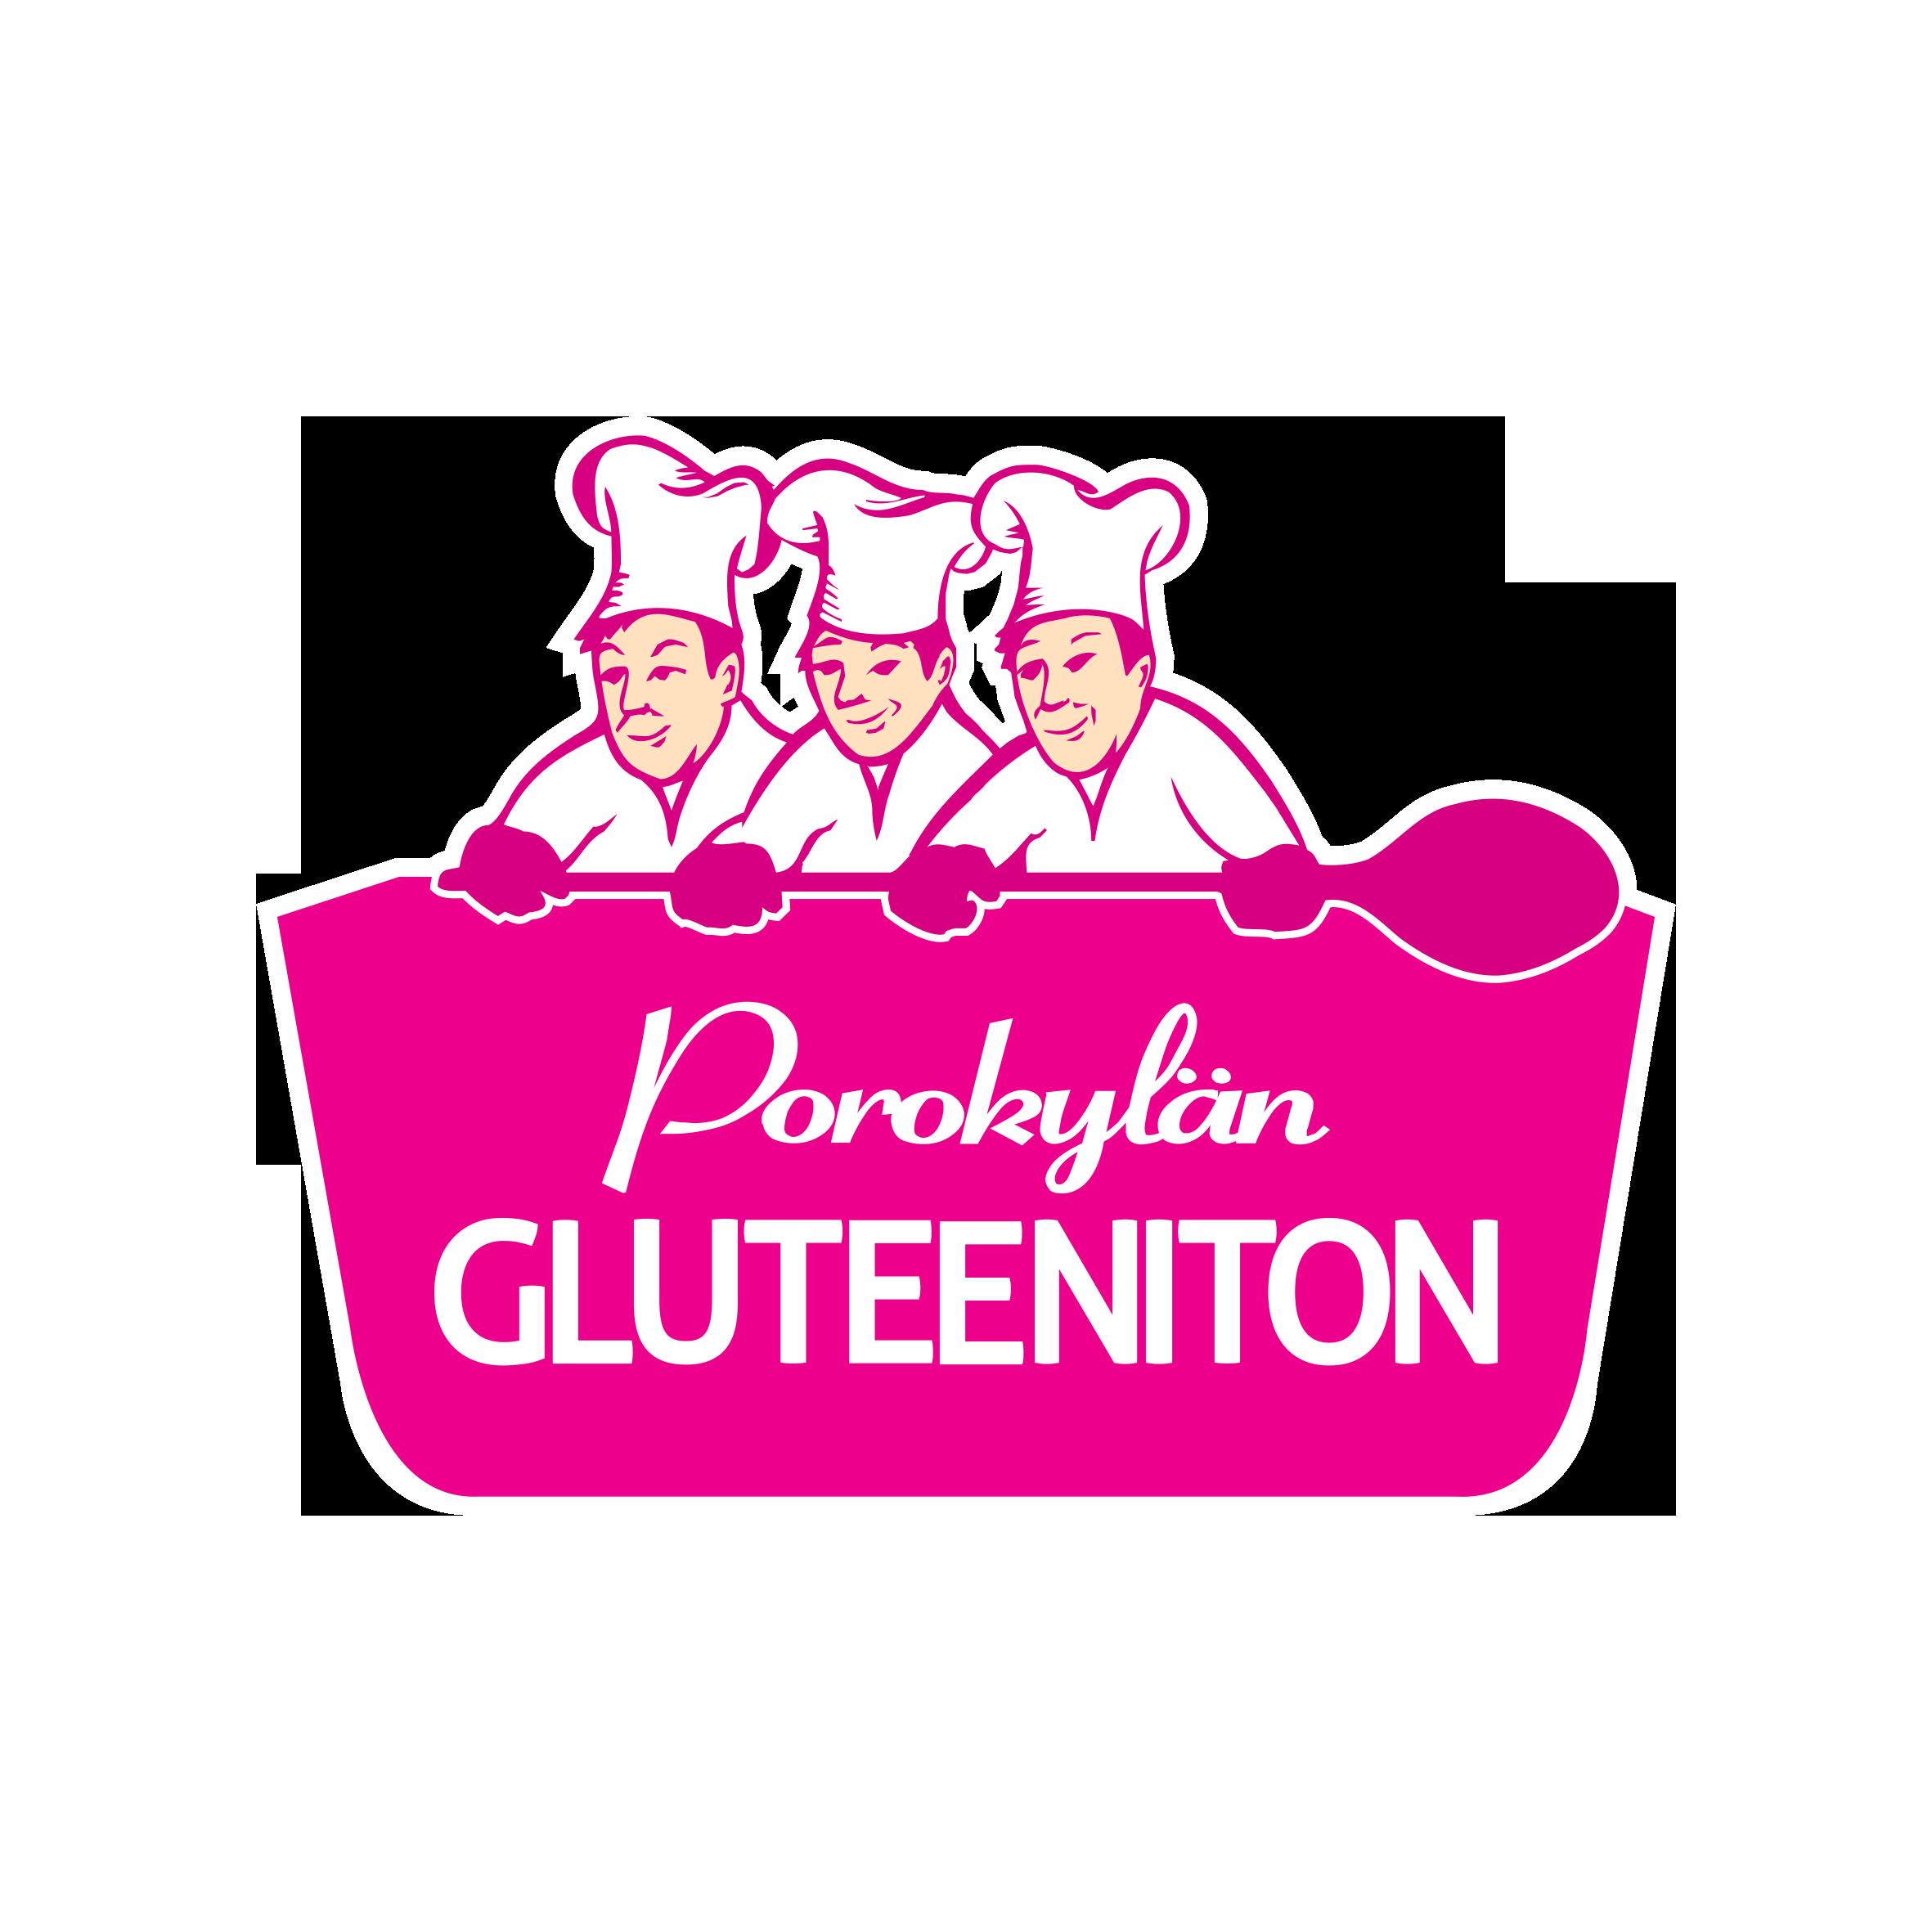 Porokylän_Gluteeniton_logo_2020